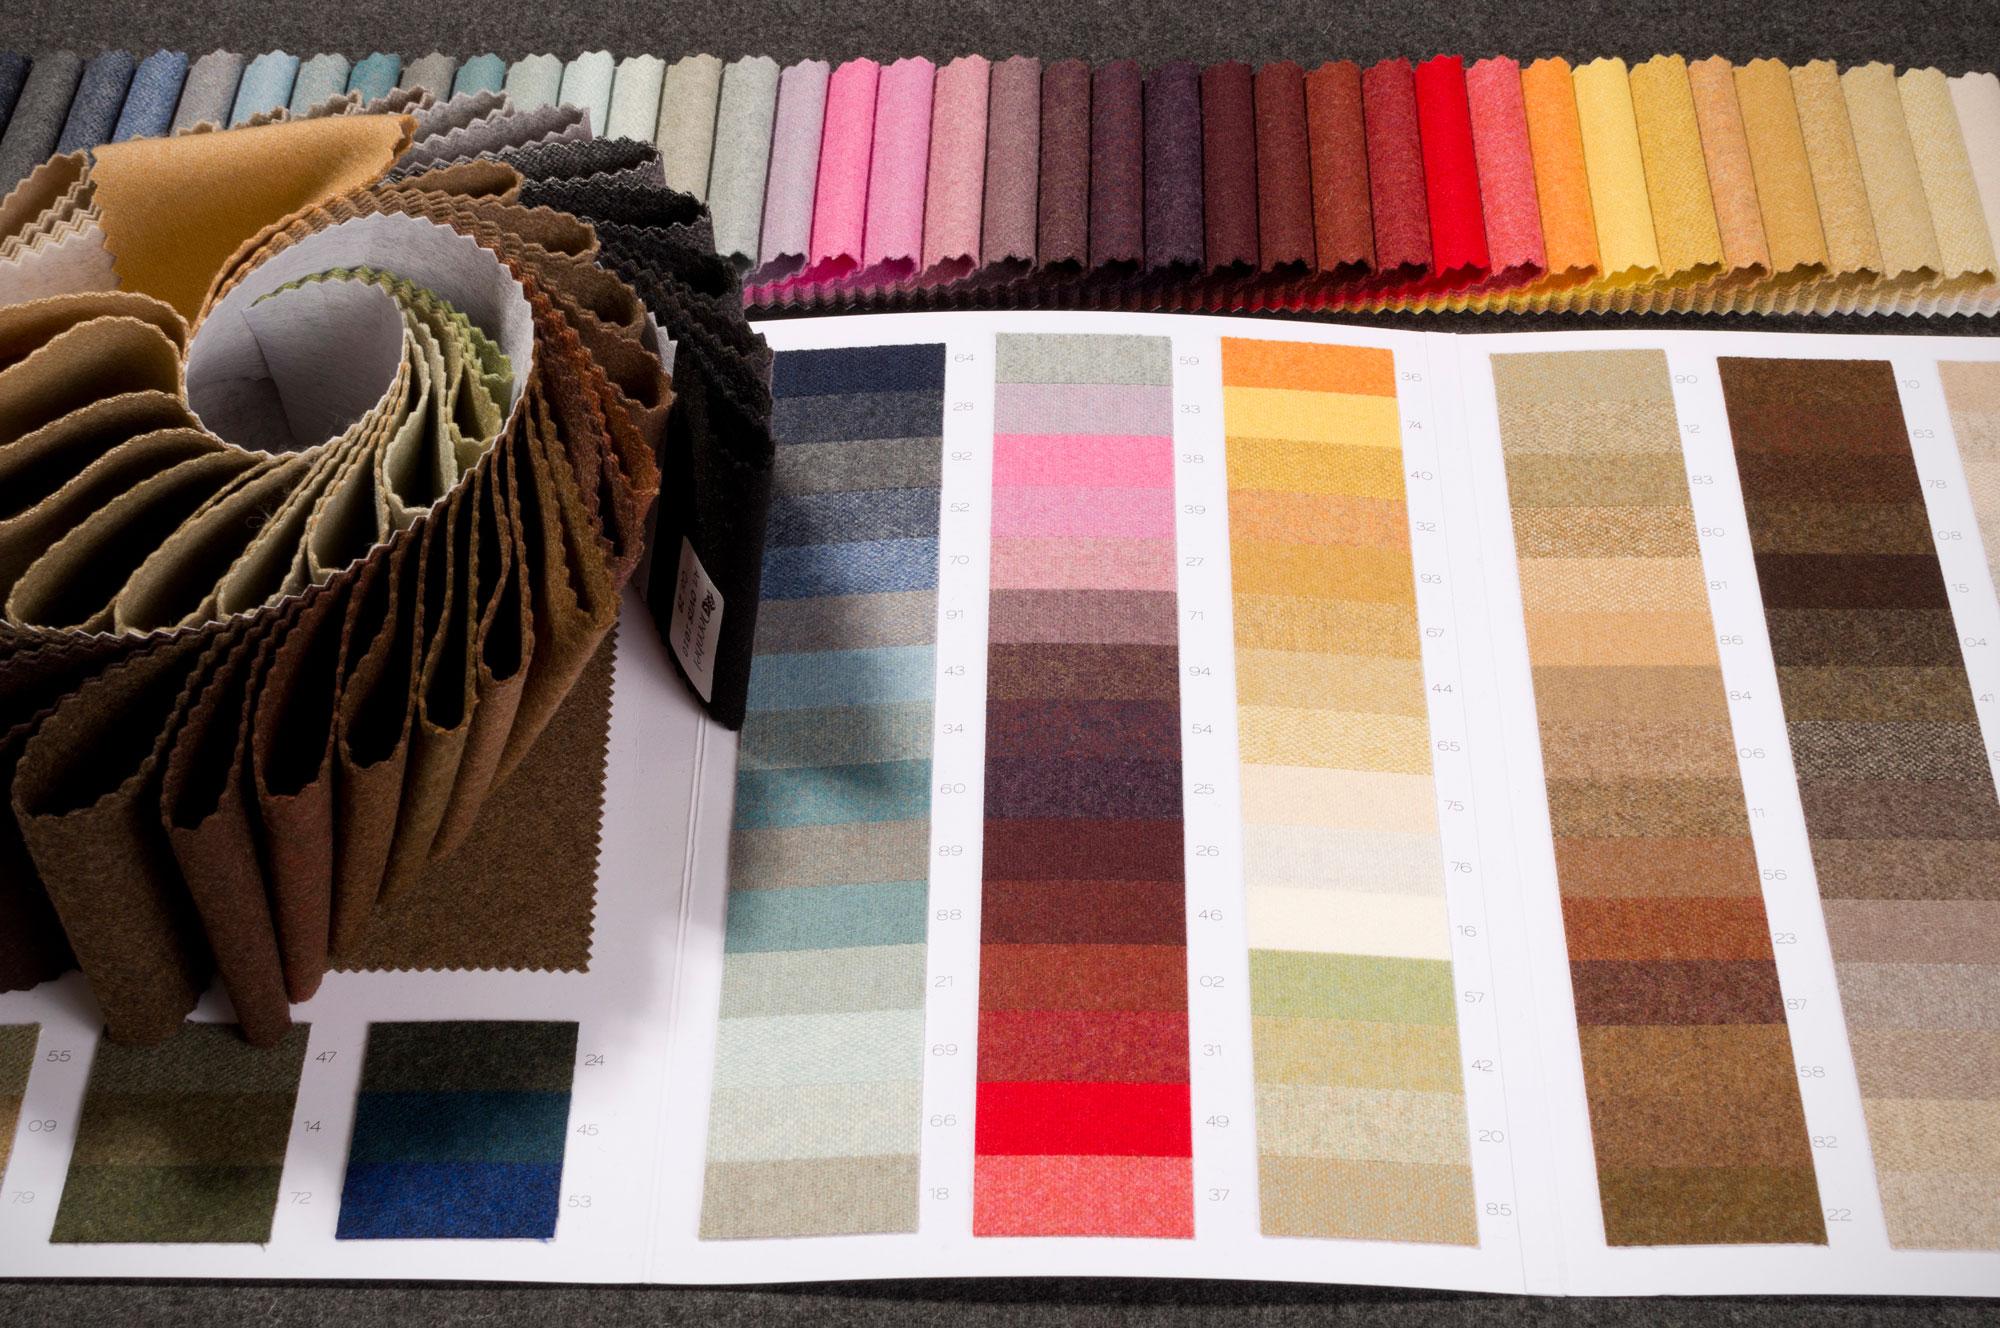 100 colori lana per infinite combinazioni cromatiche: Decobel presenta Ovis 1010